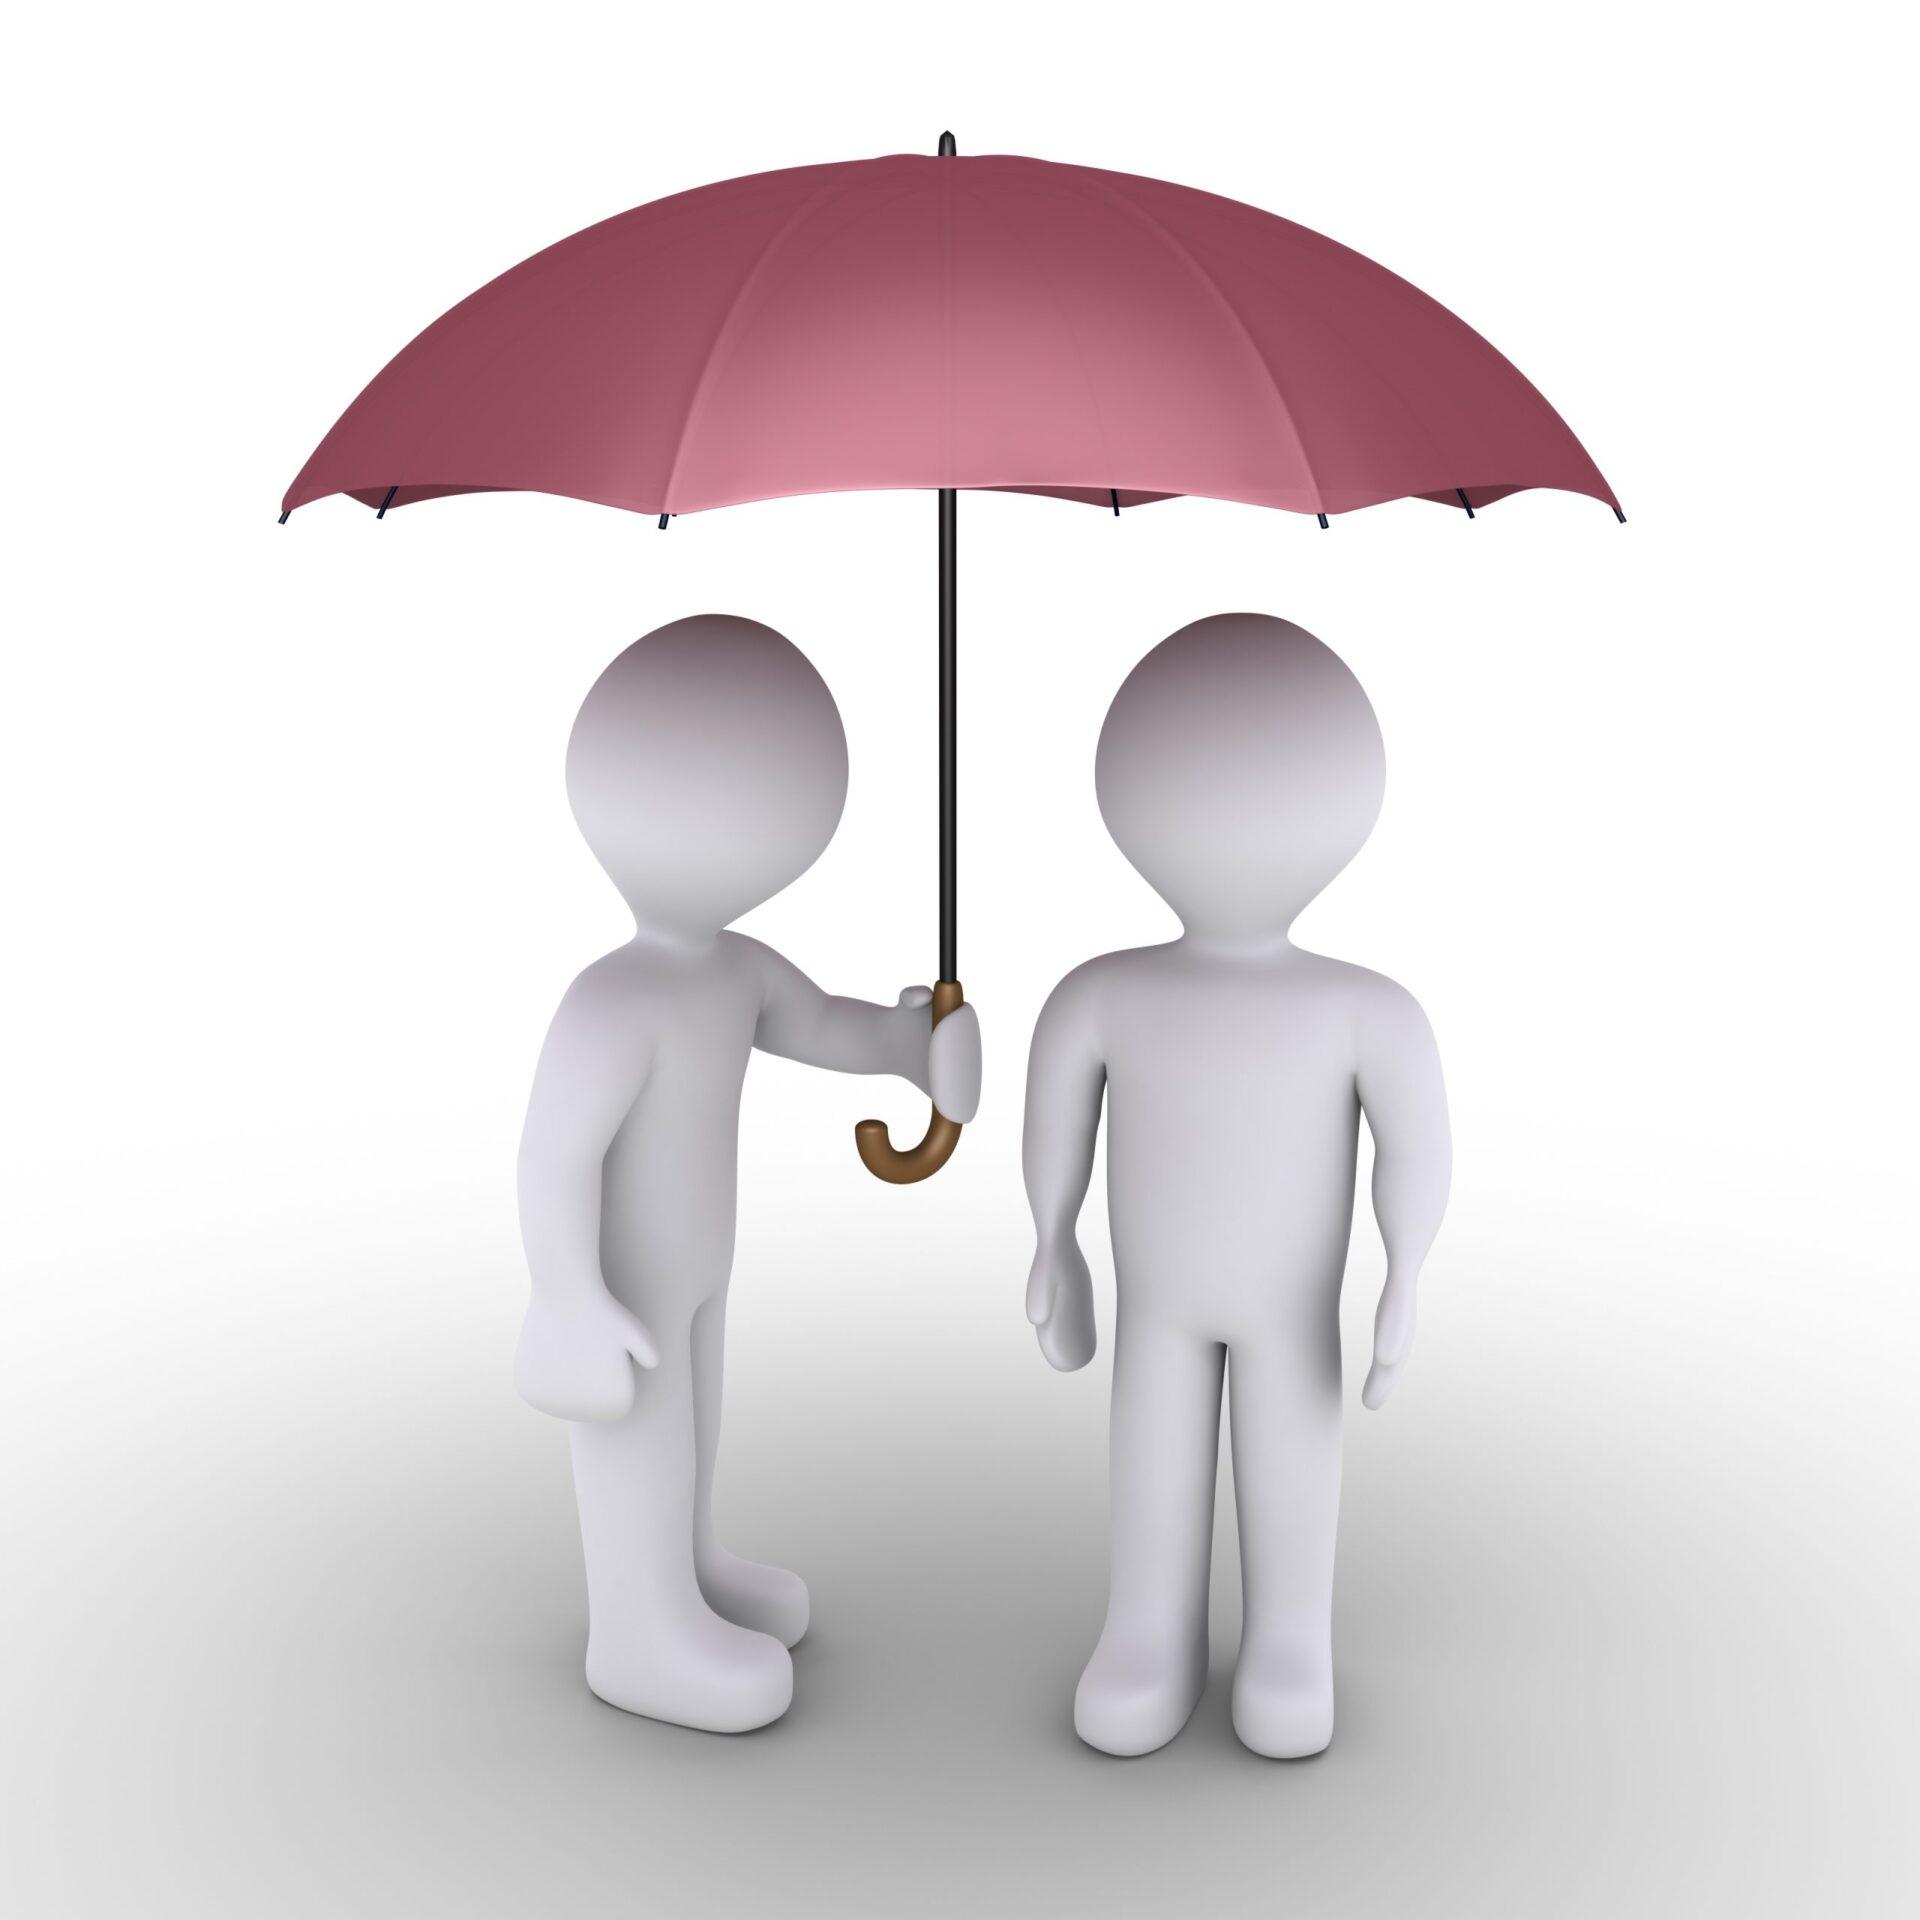 Oferim ajutor în mod sănătos când ținem cont de resursele noastre